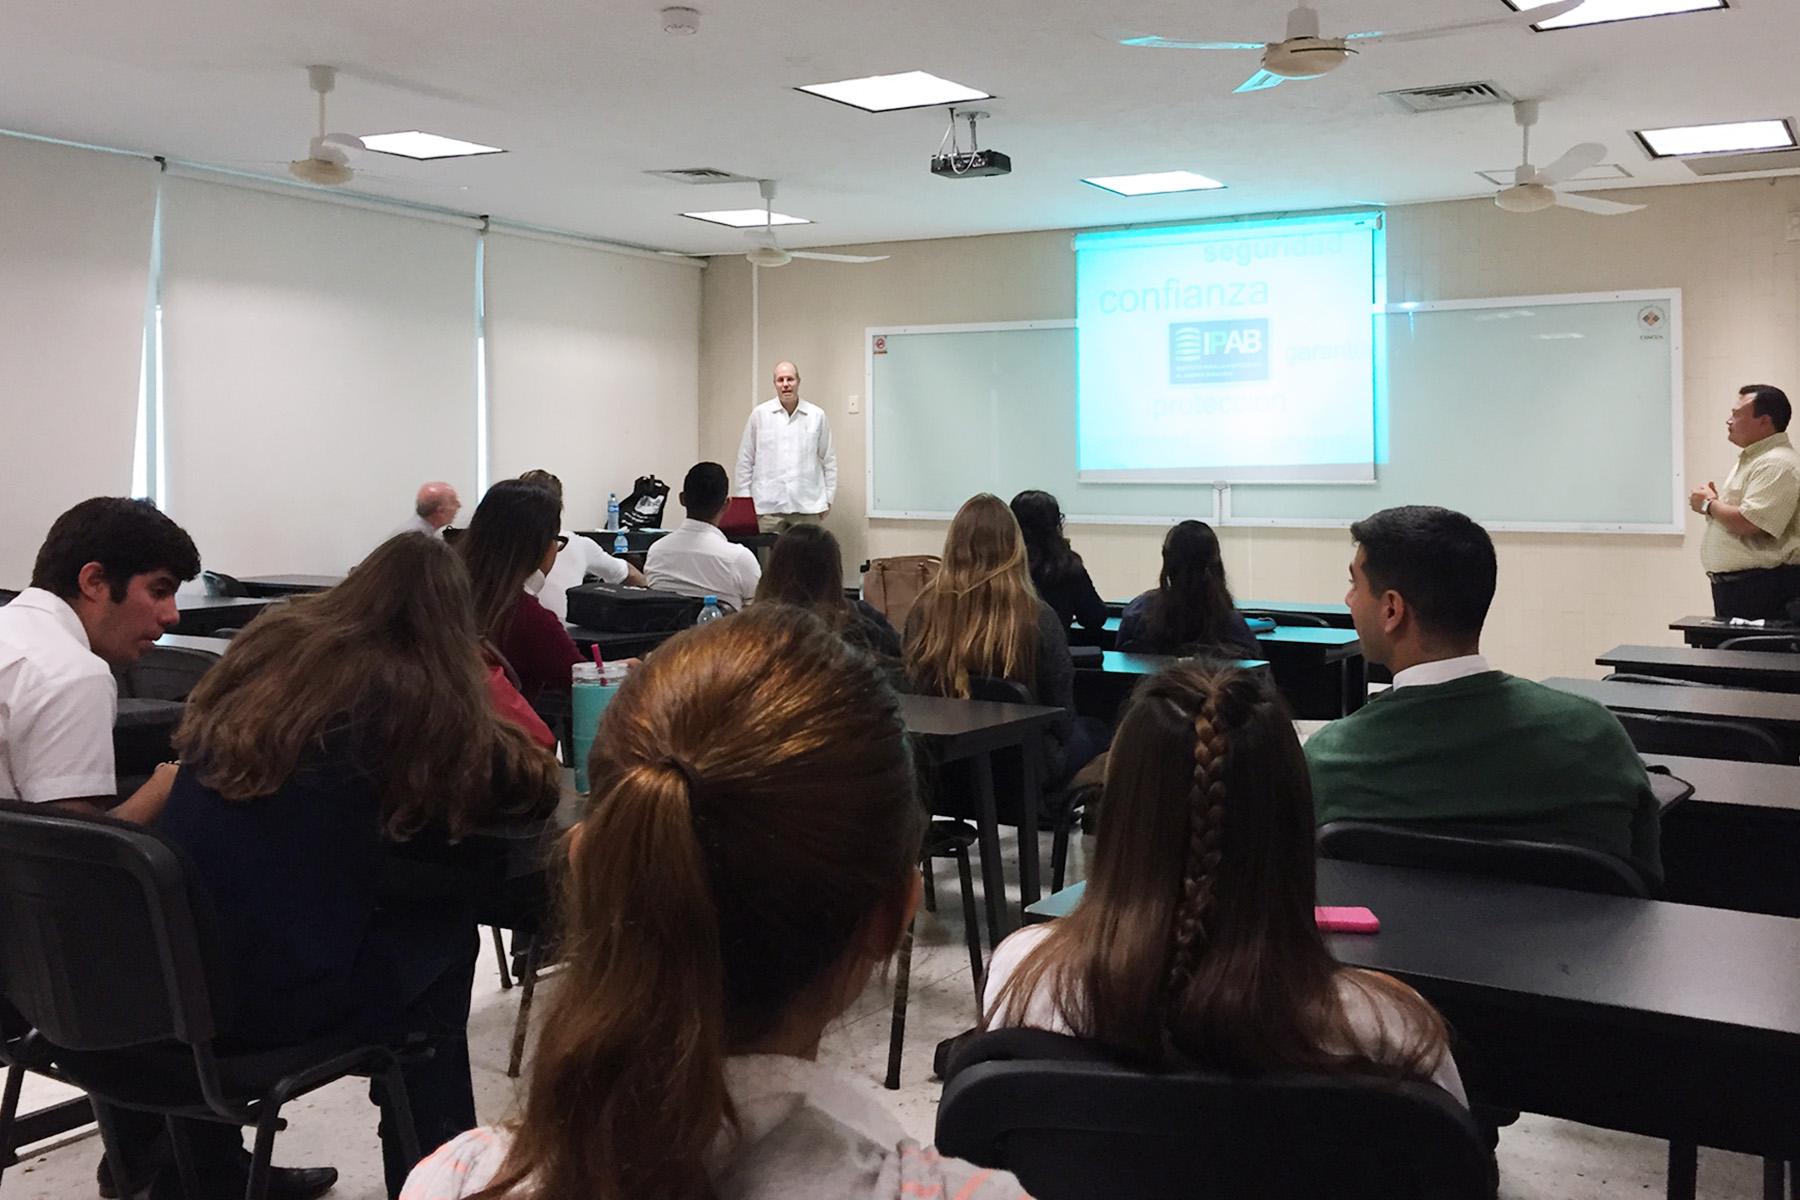 Miguel Ángel Vielva, Director General de Administración y Seguimiento de Activos. Semana Nacional de Educación Financiera 2015, Universidad Anáhuac, Cancún, Quintana Roo.